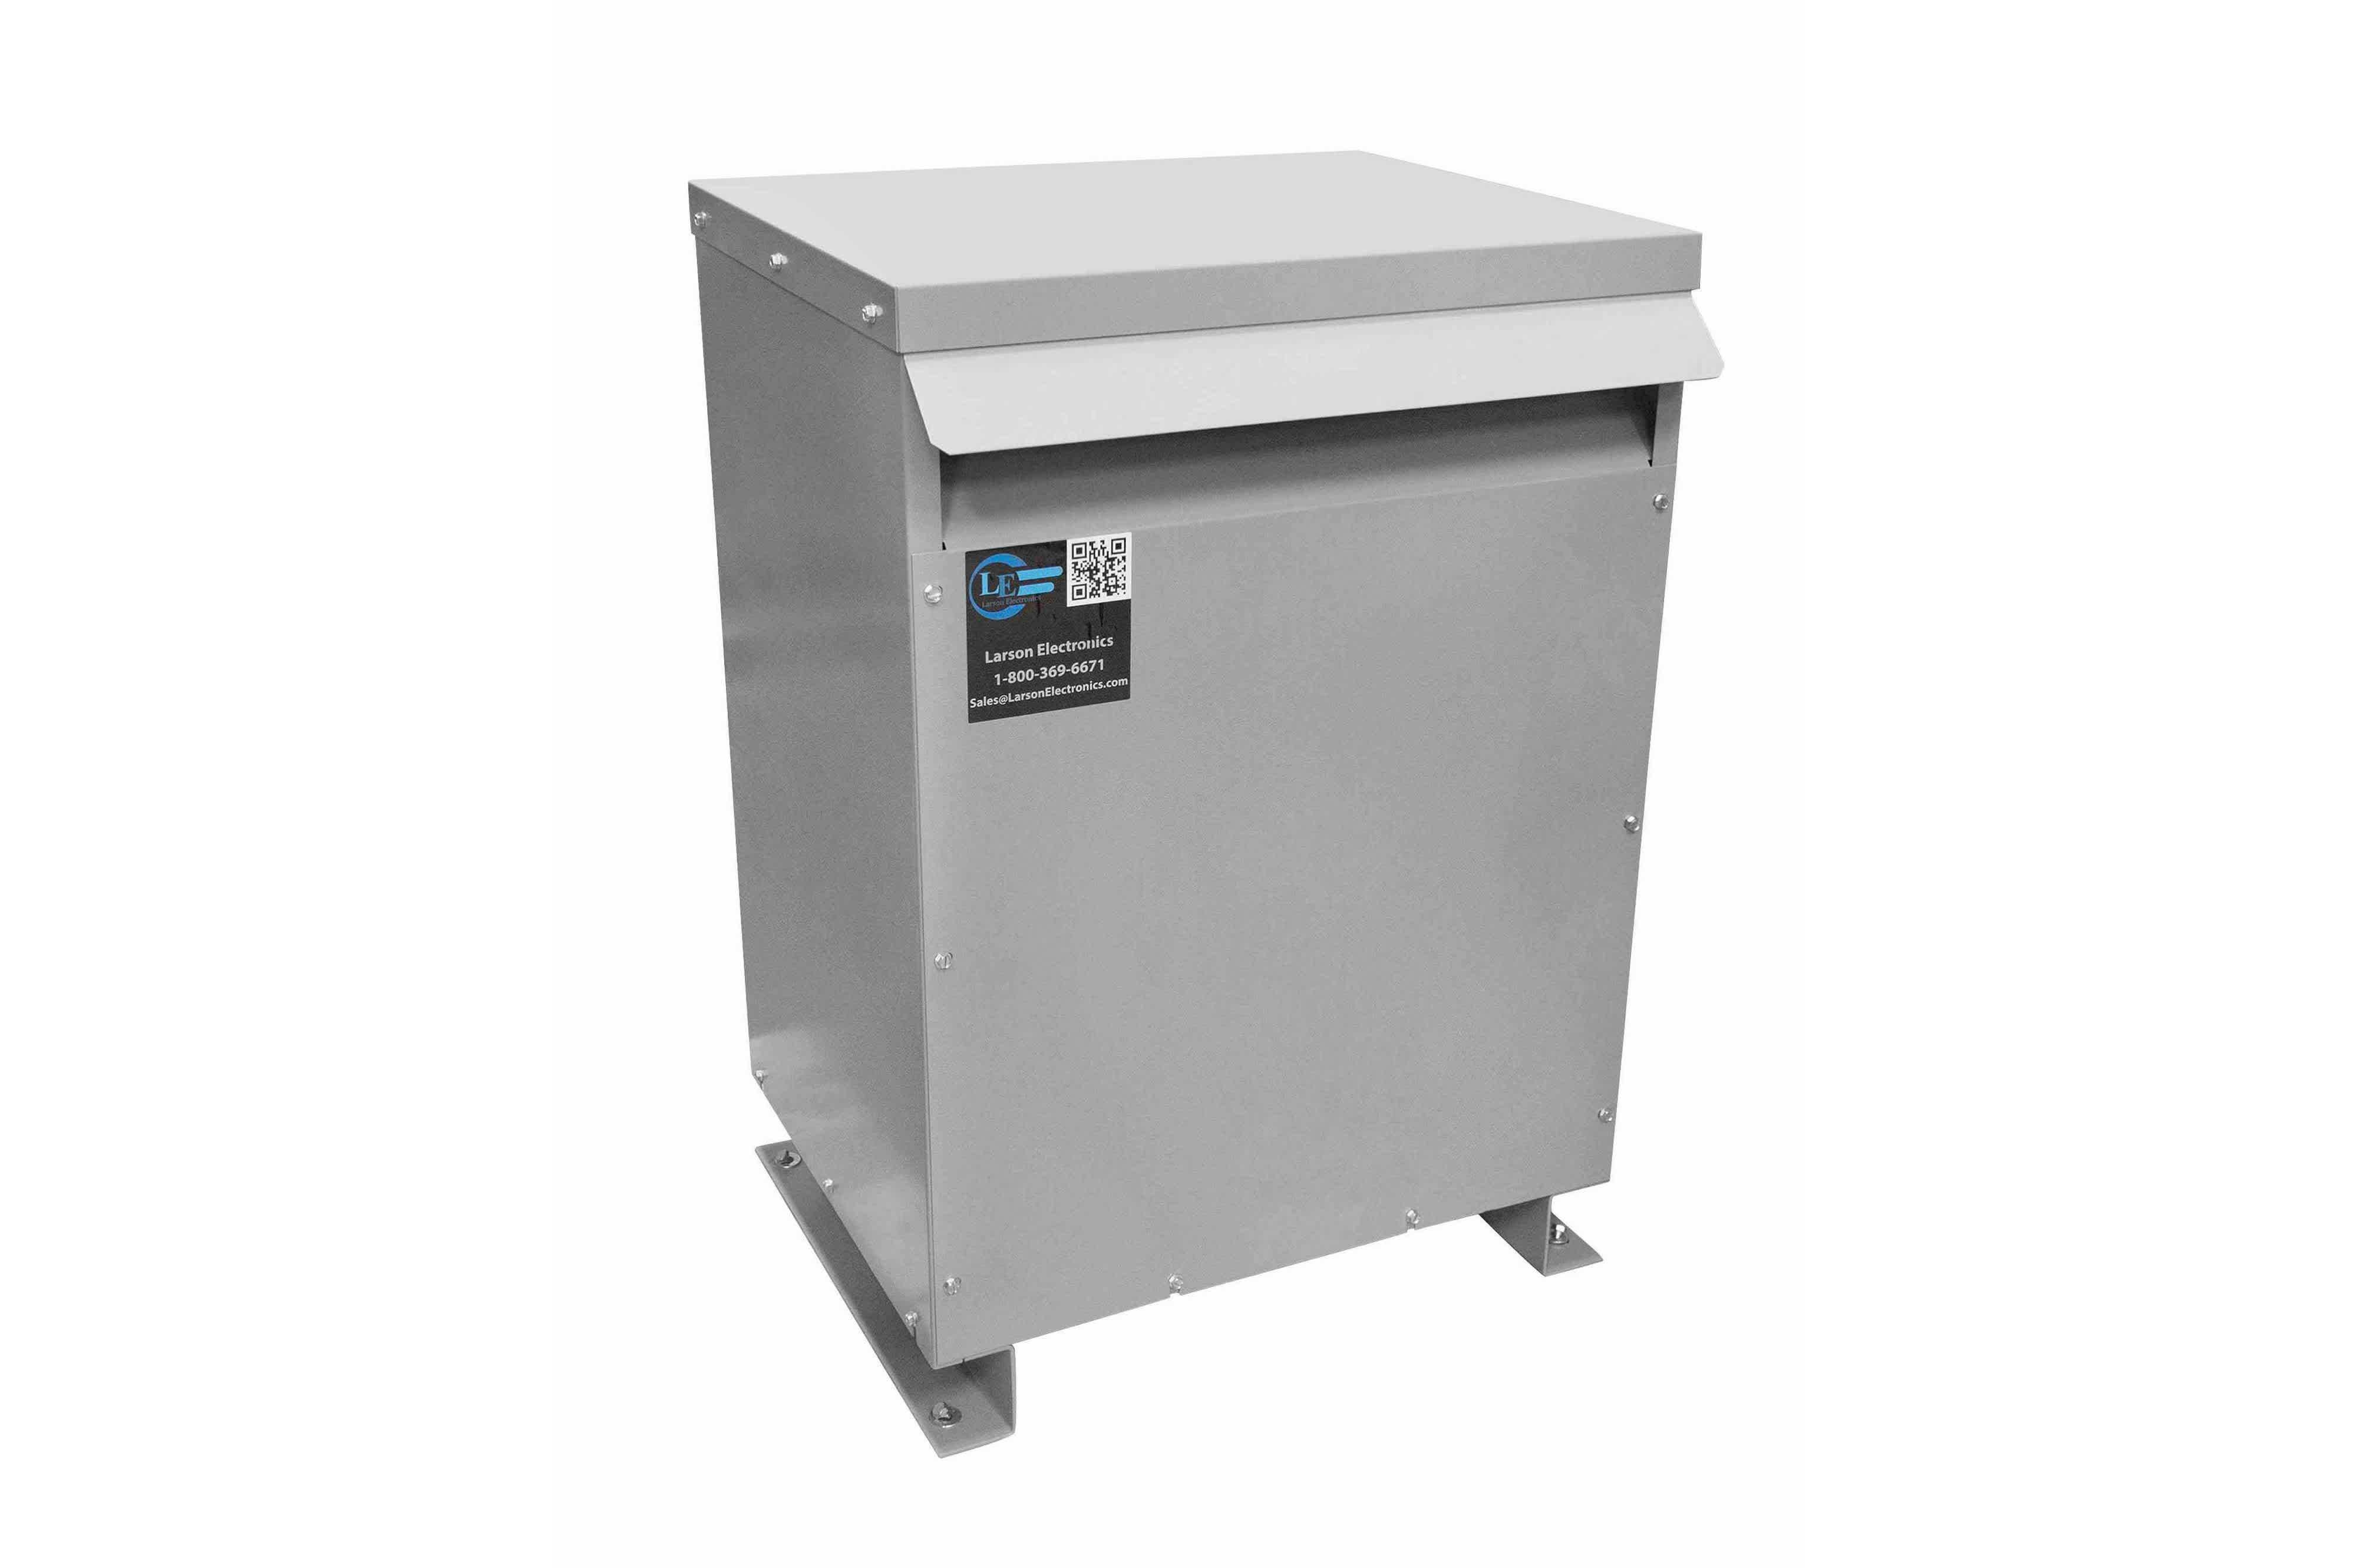 37.5 kVA 3PH Isolation Transformer, 600V Delta Primary, 208V Delta Secondary, N3R, Ventilated, 60 Hz